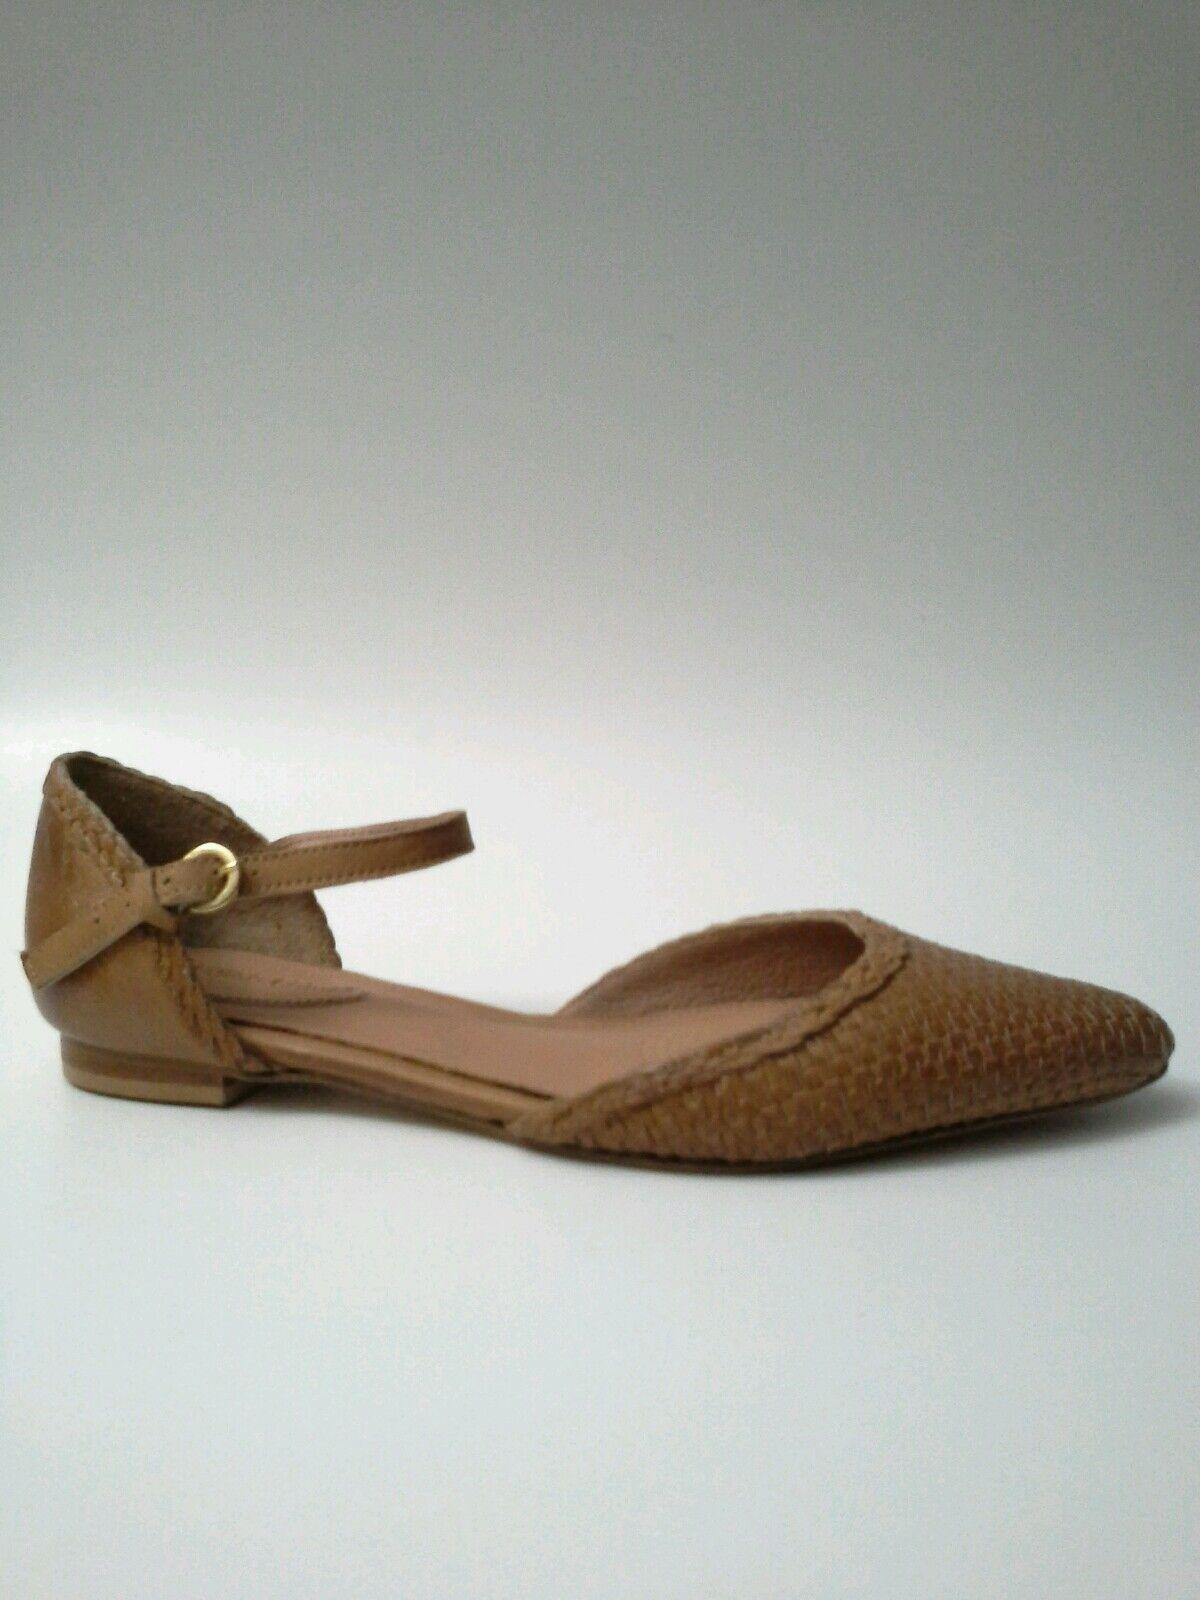 tutto in alta qualità e prezzo basso CORSO COMO Merla Flats Woven Leather Detailing Tan Ankle Strap Strap Strap Dimensione 7.5   38.5  salutare